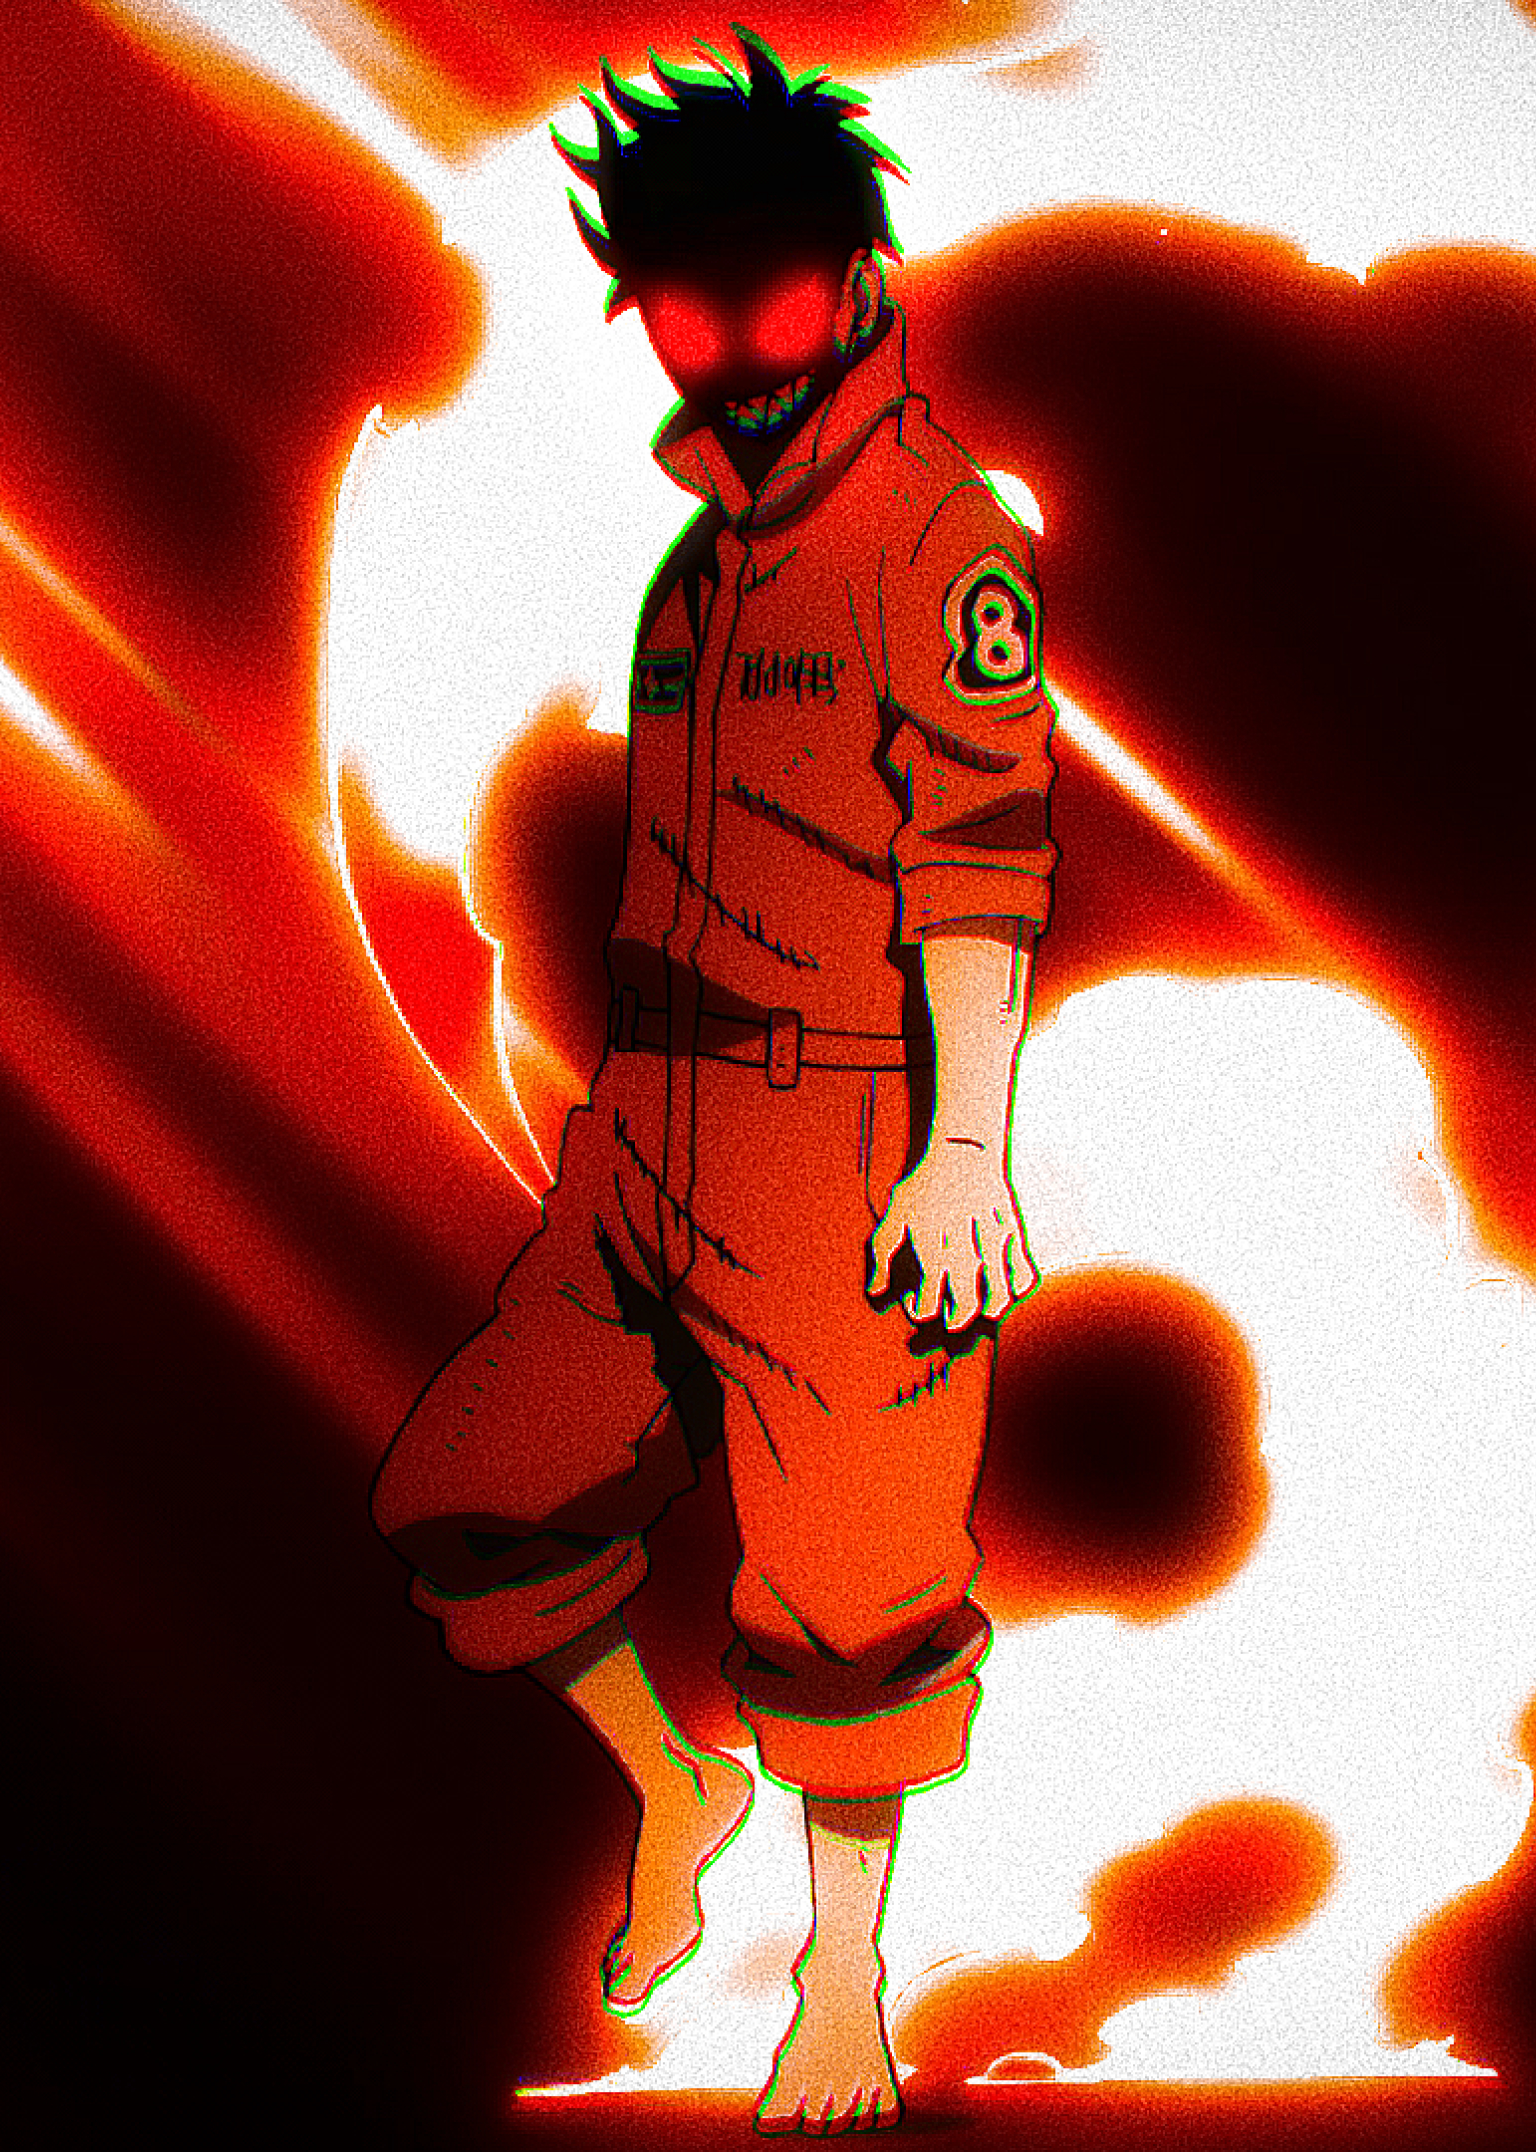 1536x2152 Shinra Kusakabe Fire Force 1536x2152 Resolution ...